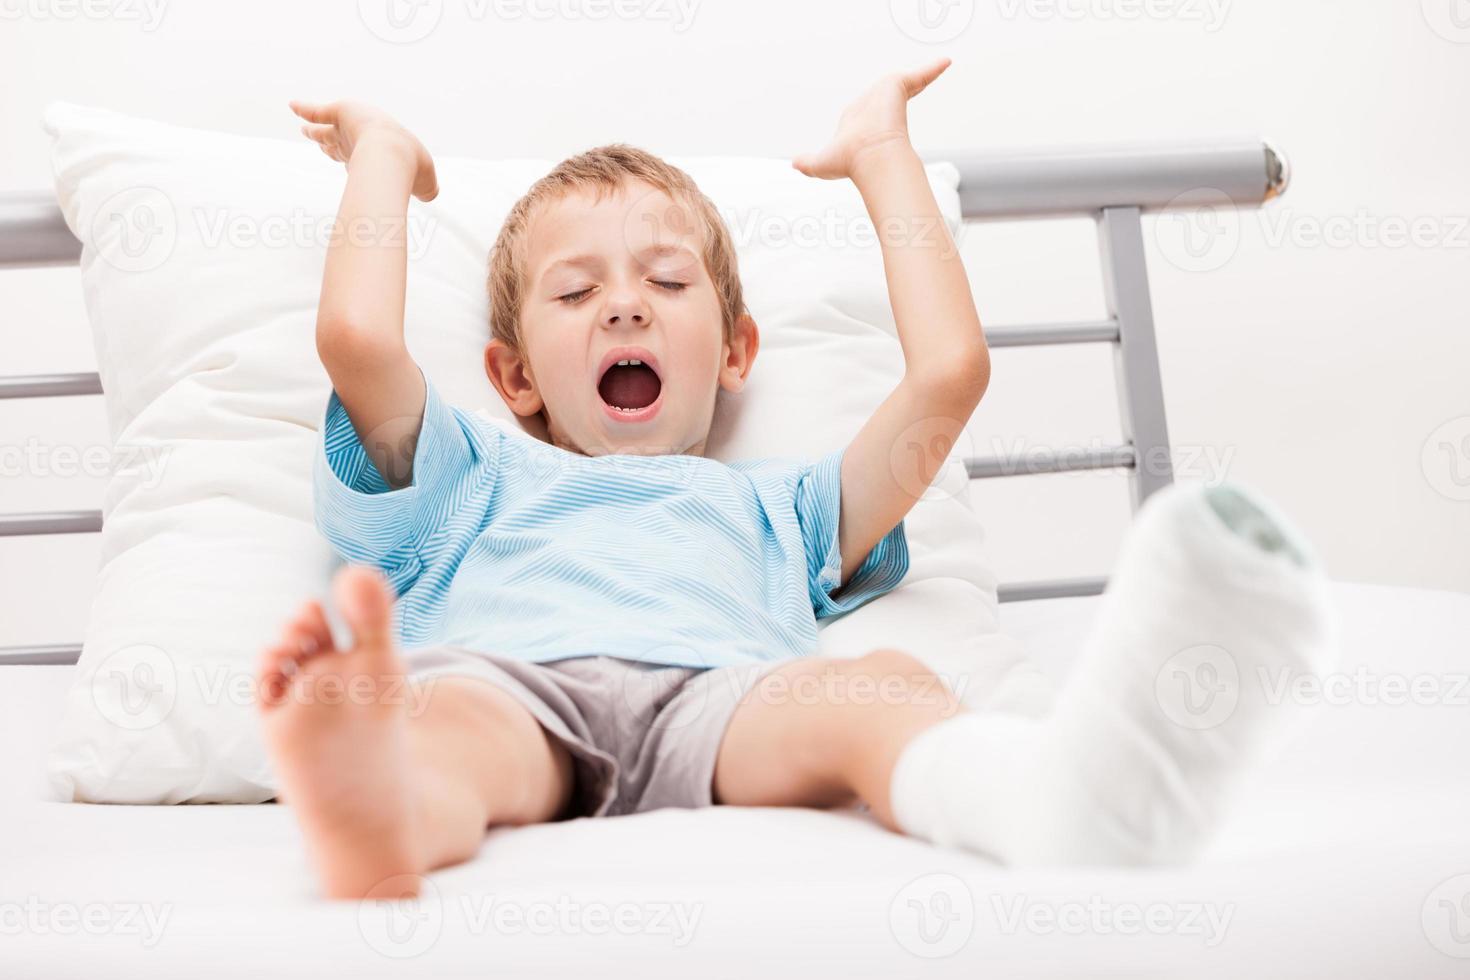 fractura del talón de la pierna del niño o vendaje de yeso de hueso del pie roto foto